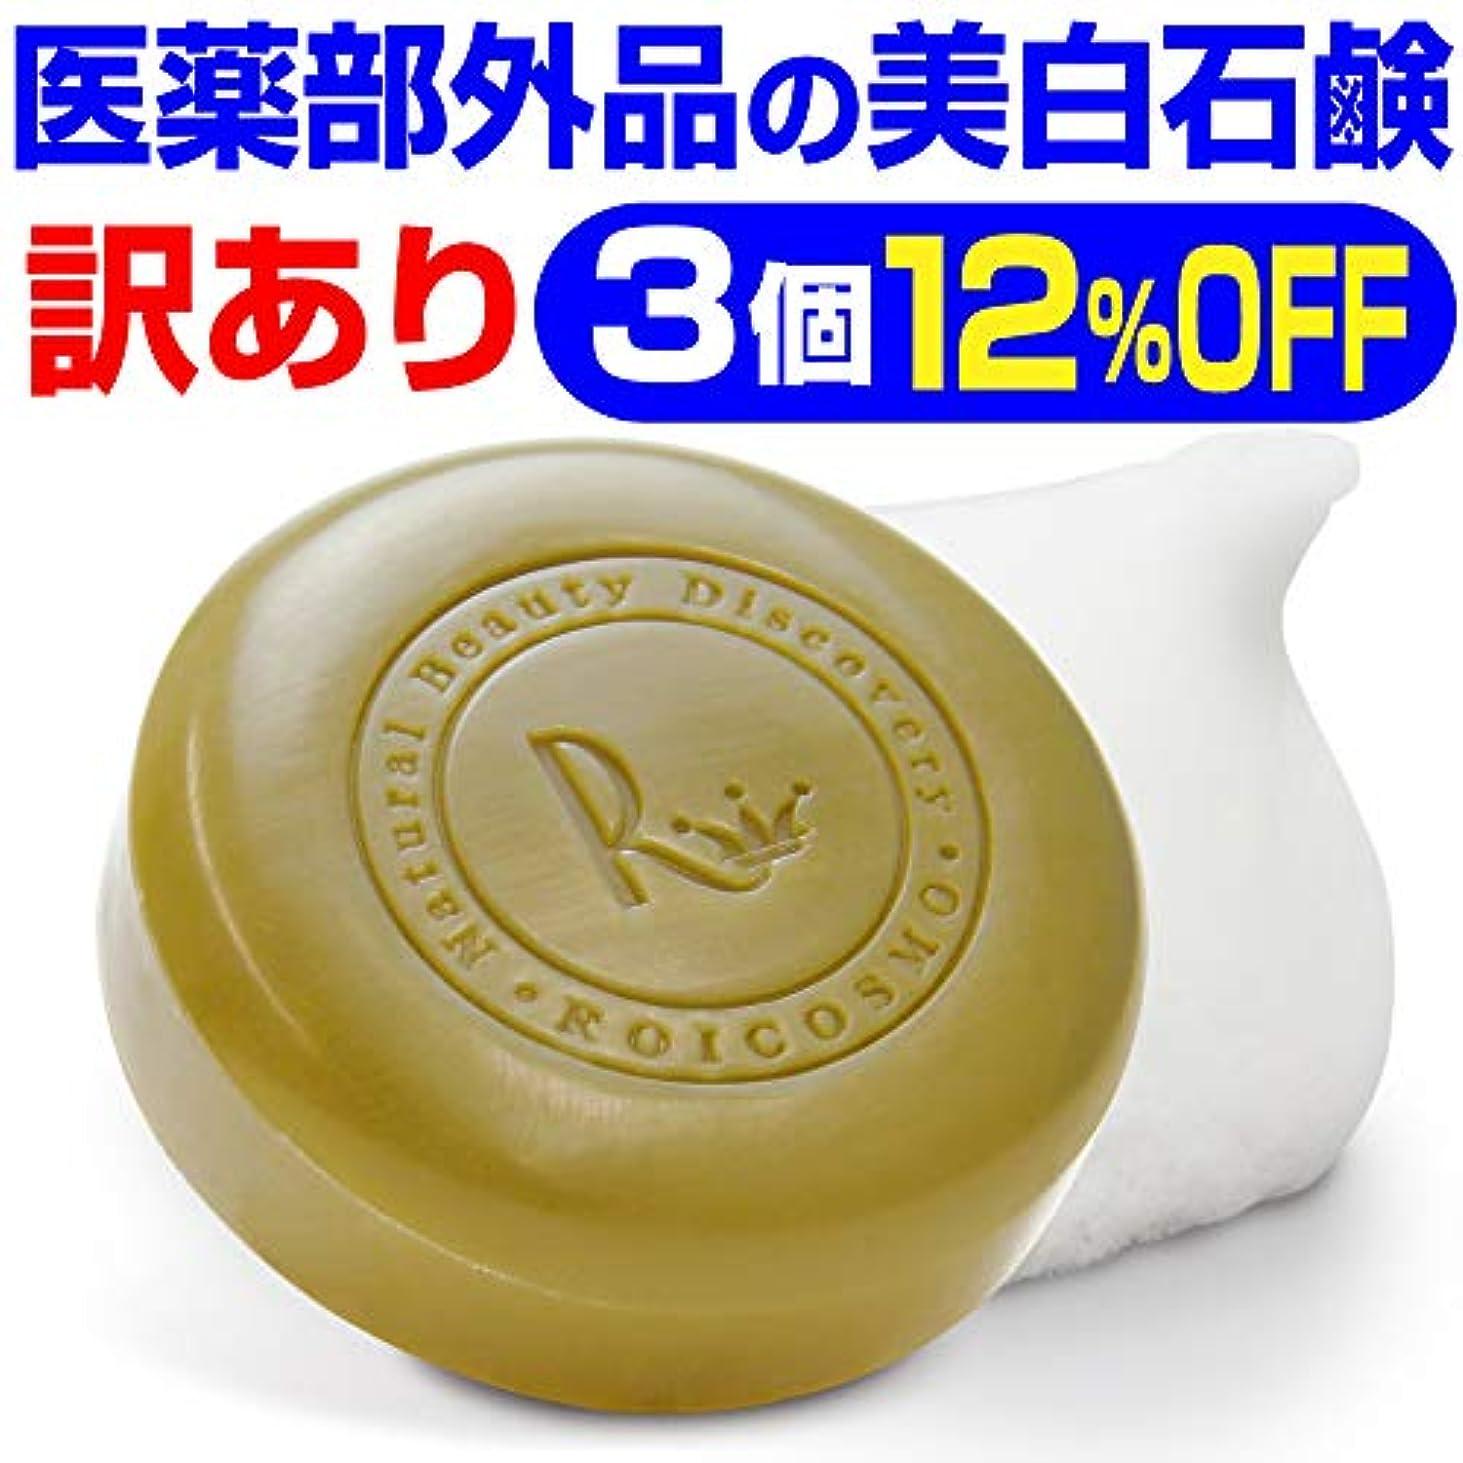 戦略欠員現像訳あり12%OFF(1個2,090円)売切れ御免 ビタミンC270倍の美白成分の 洗顔石鹸『ホワイトソープ100g×3個』